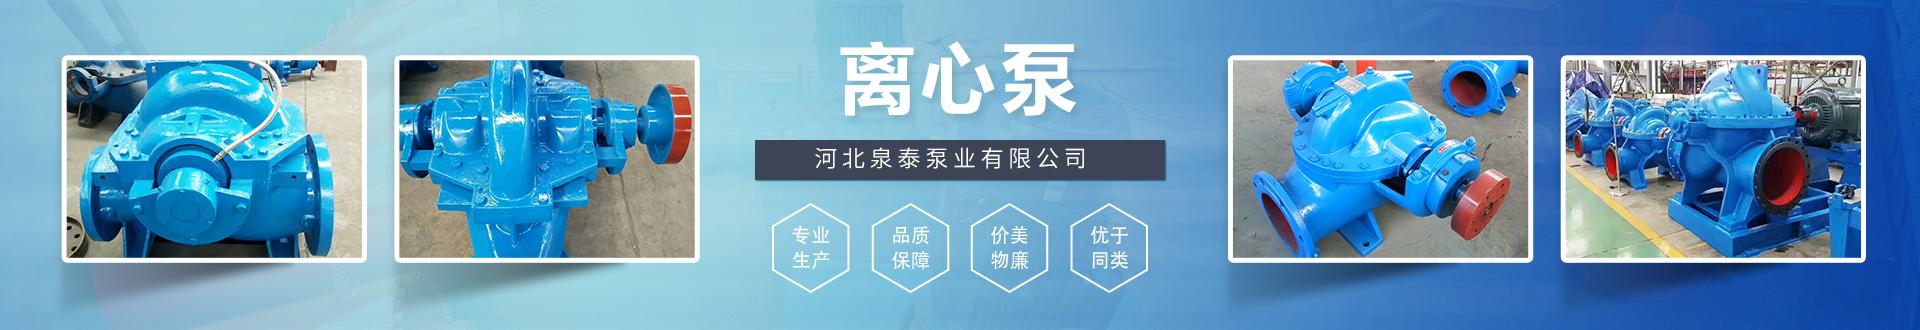 河北泉泰泵业有限公司